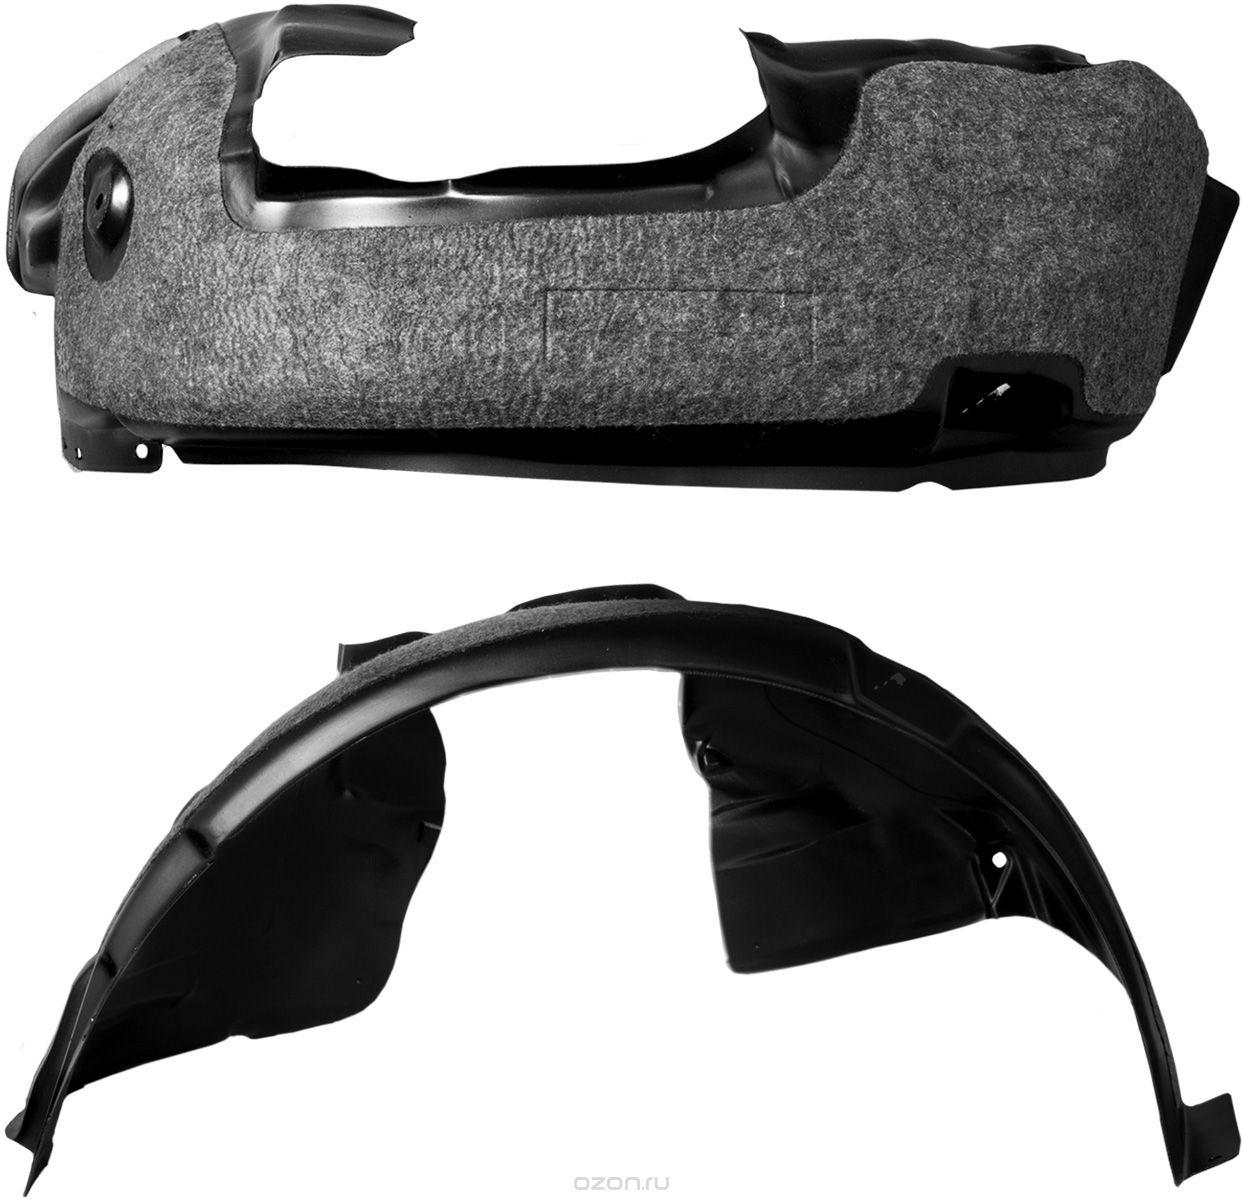 Подкрылок Novline-Autofamily, с шумоизоляцией, для RAVON Nexia R3, 2016->, задний левыйNLS.102.02.003Идеальная защита колесной ниши. Локеры разработаны с применением цифровых технологий, гарантируют максимальную повторяемость поверхности арки. Изделия устанавливаются без нарушения лакокрасочного покрытия автомобиля, каждый подкрылок комплектуется крепежом. Уважаемые клиенты, обращаем ваше внимание, что фотографии на подкрылки универсальные и не отражают реальную форму изделия. При этом само изделие идет точно под размер указанного автомобиля.